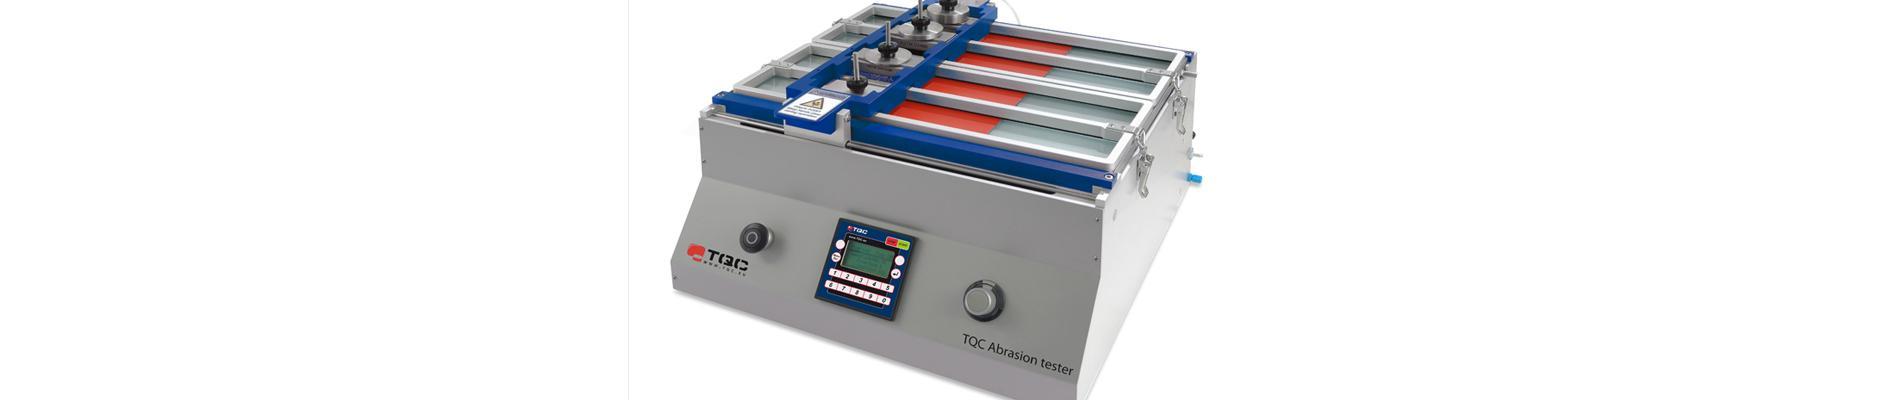 TQC - Abrasion tester